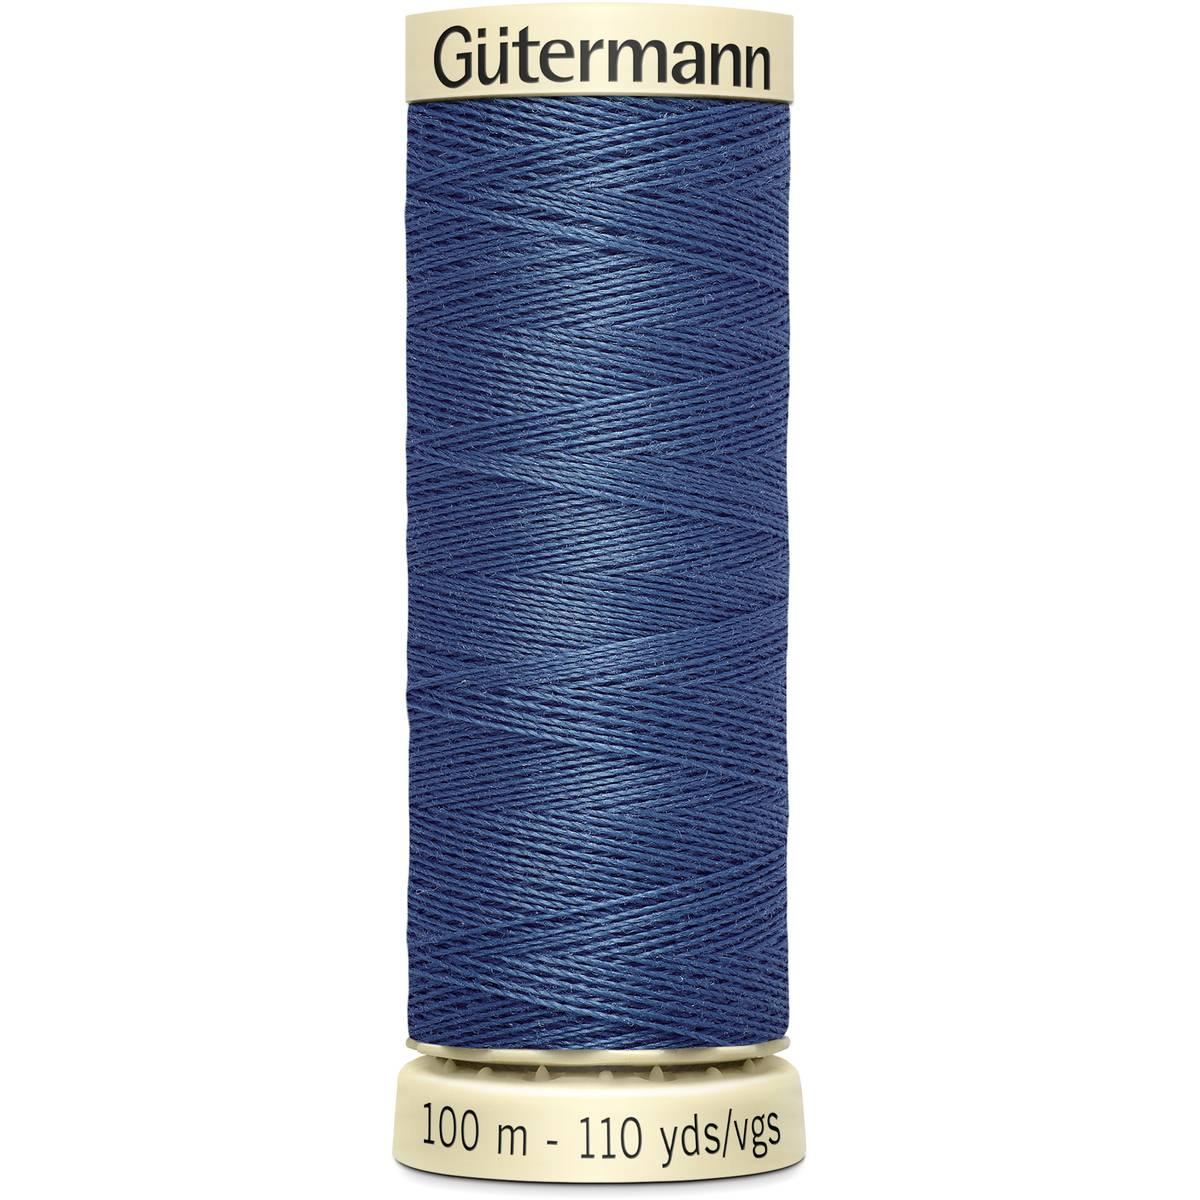 חוט תפירה גוטרמן - Blue 68